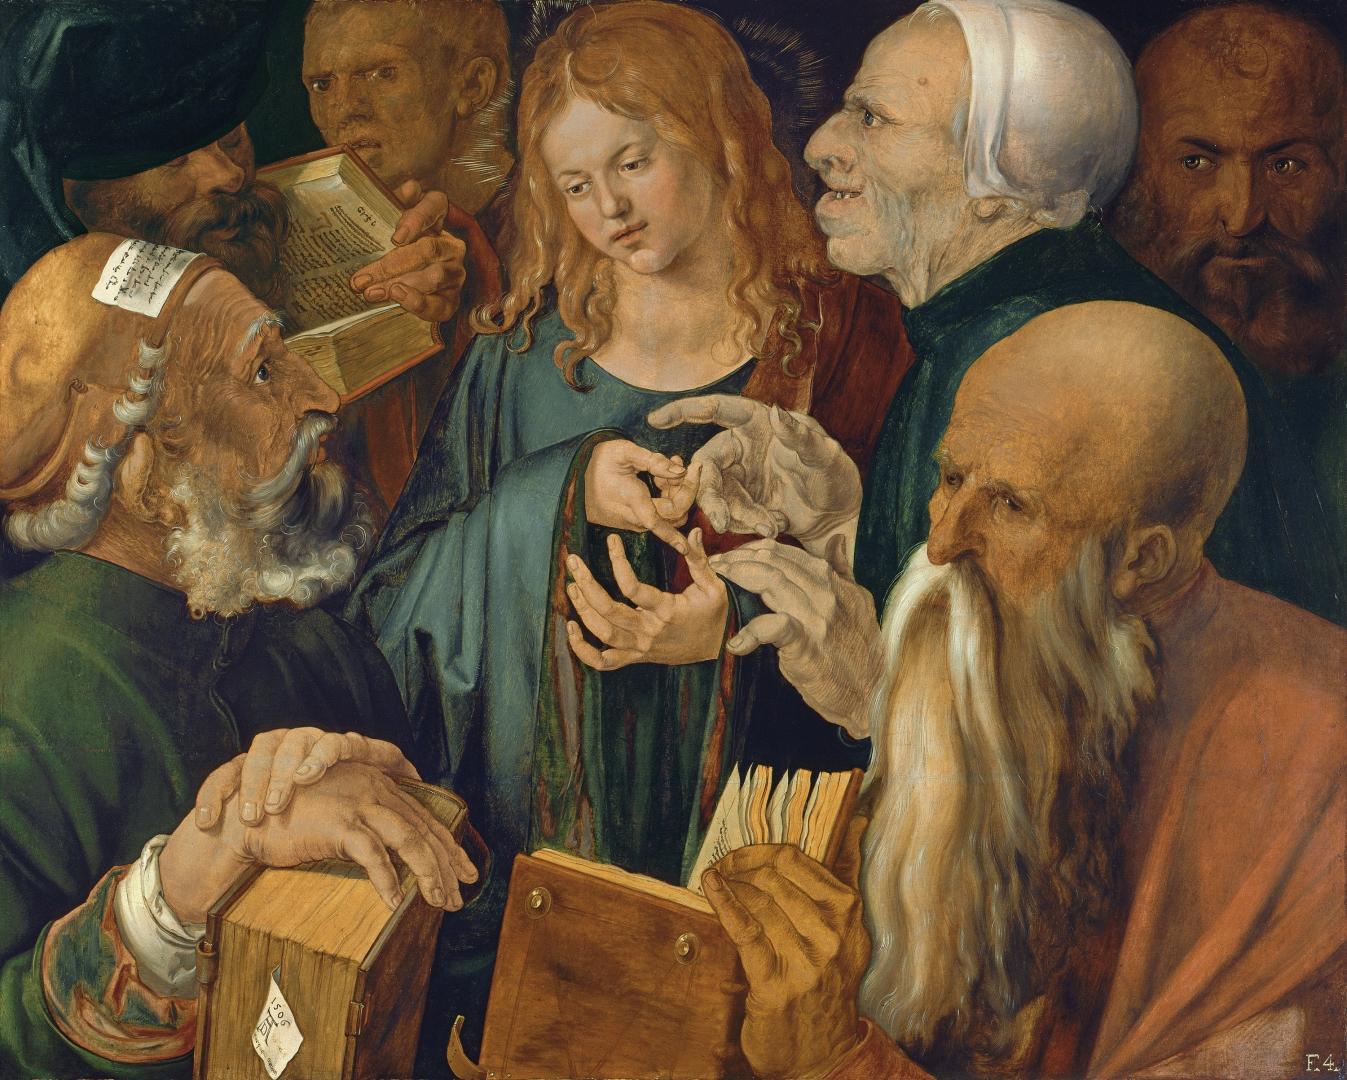 Альбрехт Дюрер. Христос среди учителей. 1506